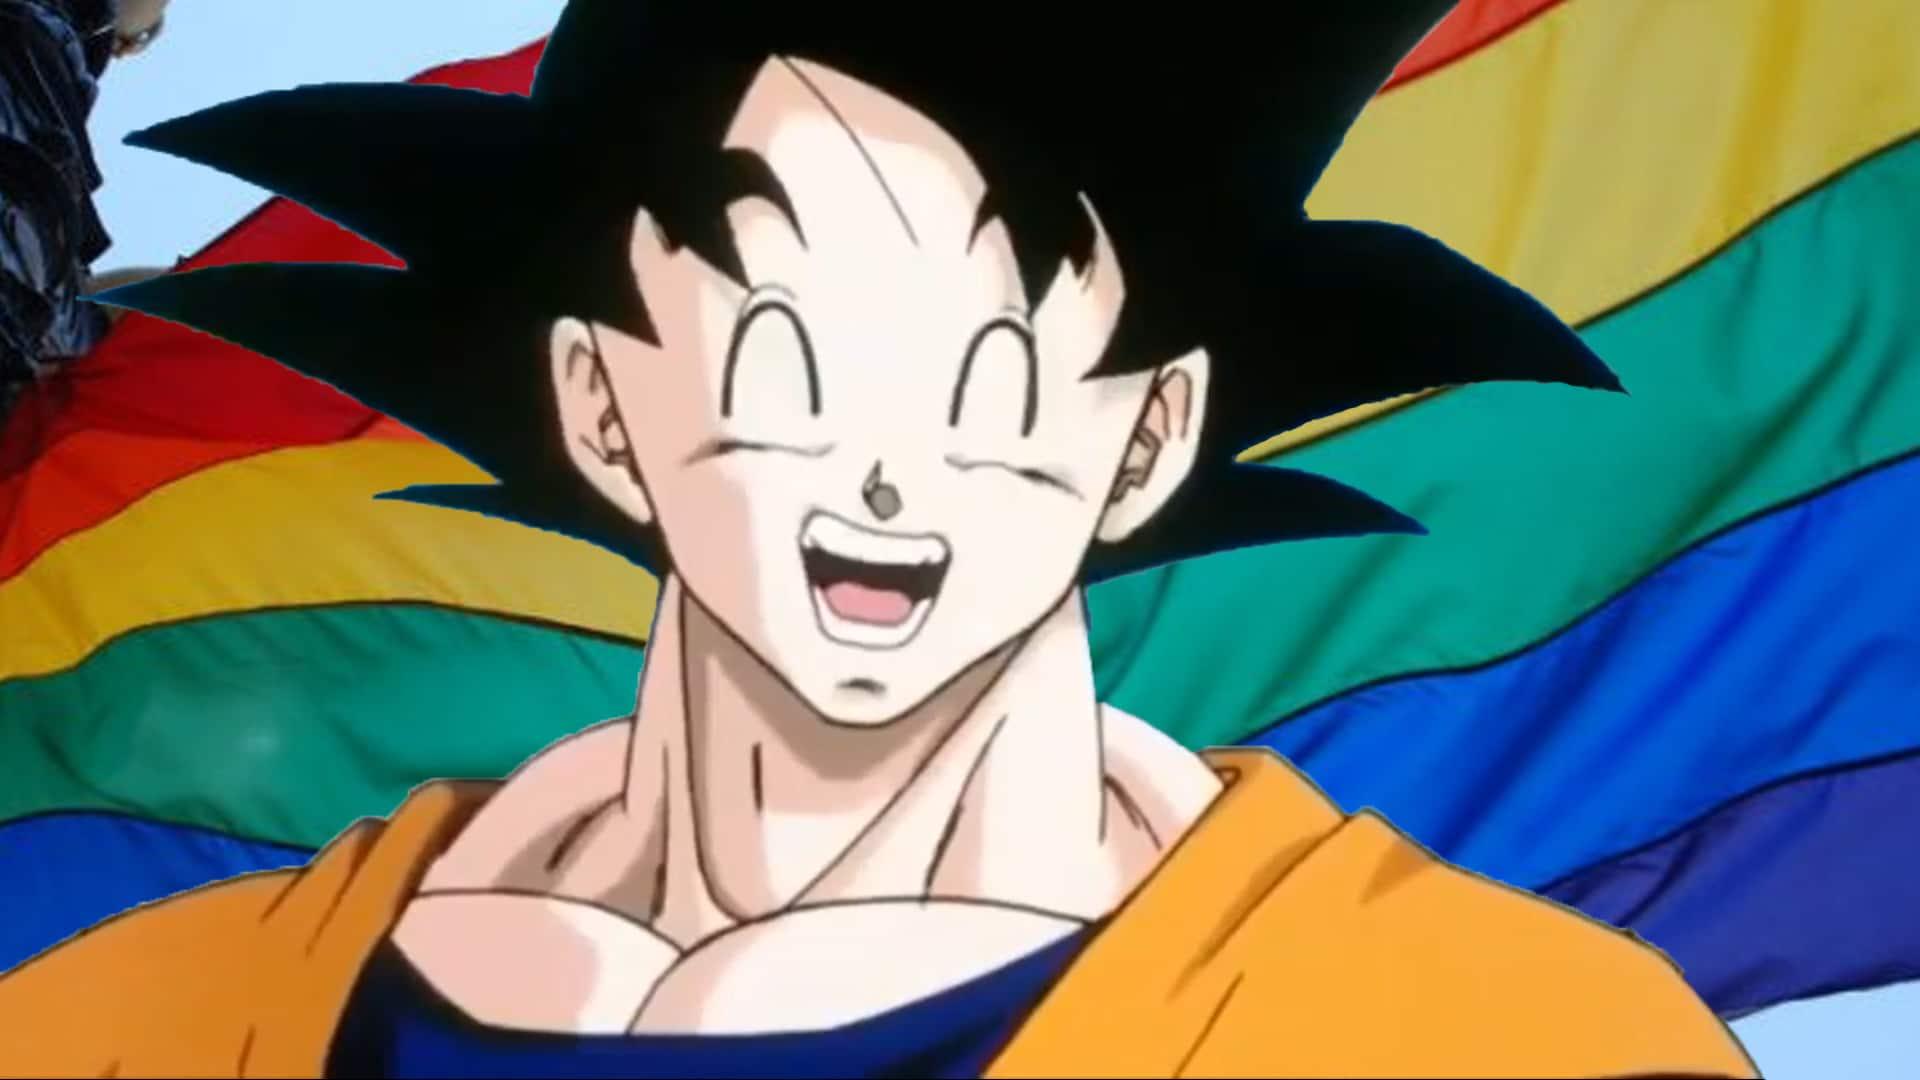 Gokú de Dragon Ball podría ser un ícono de la comunidad LGBT al ser considerado asexual